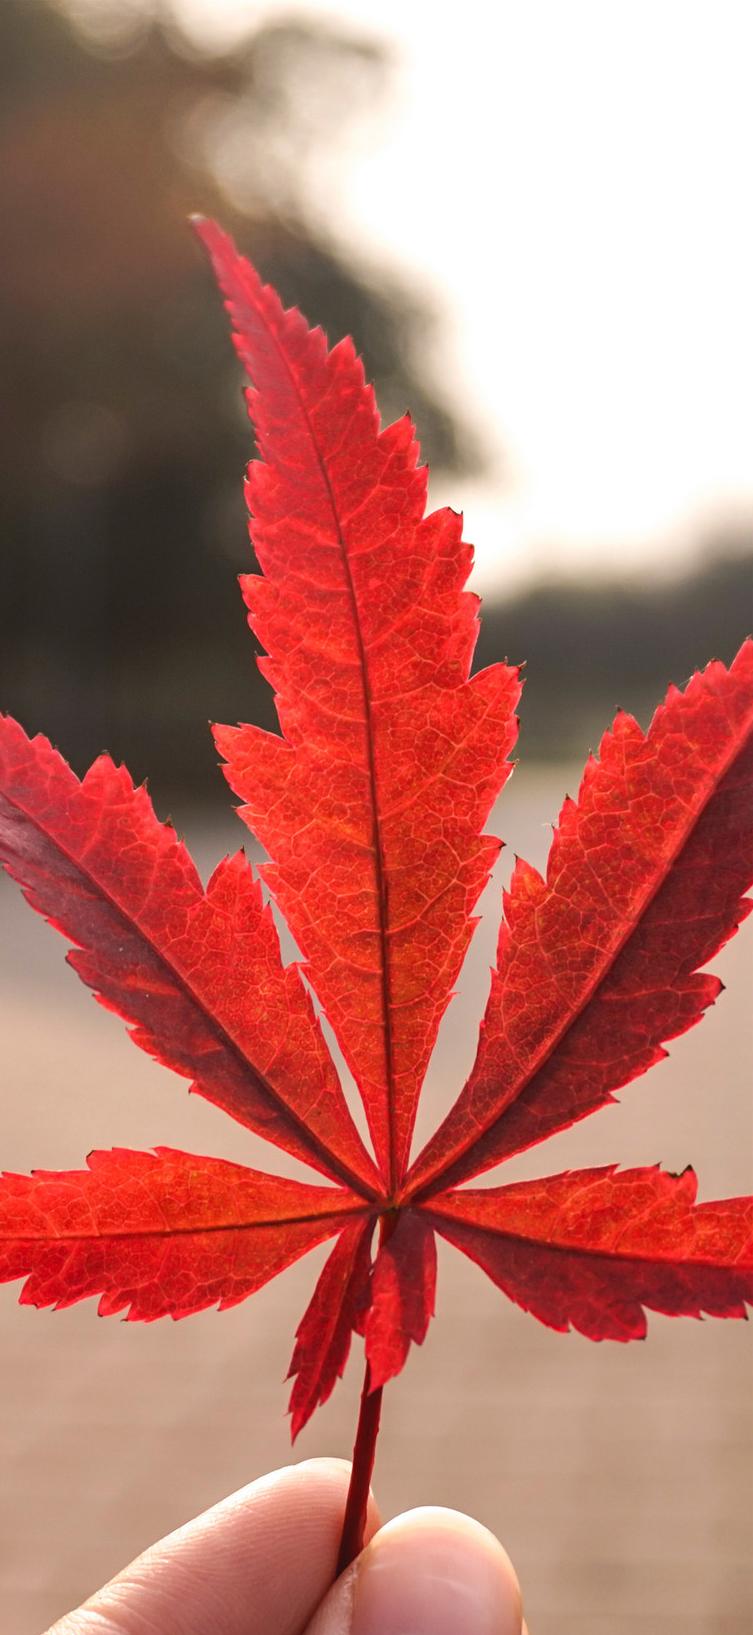 hình nền mùa thu lãng mạn cho dế yêu